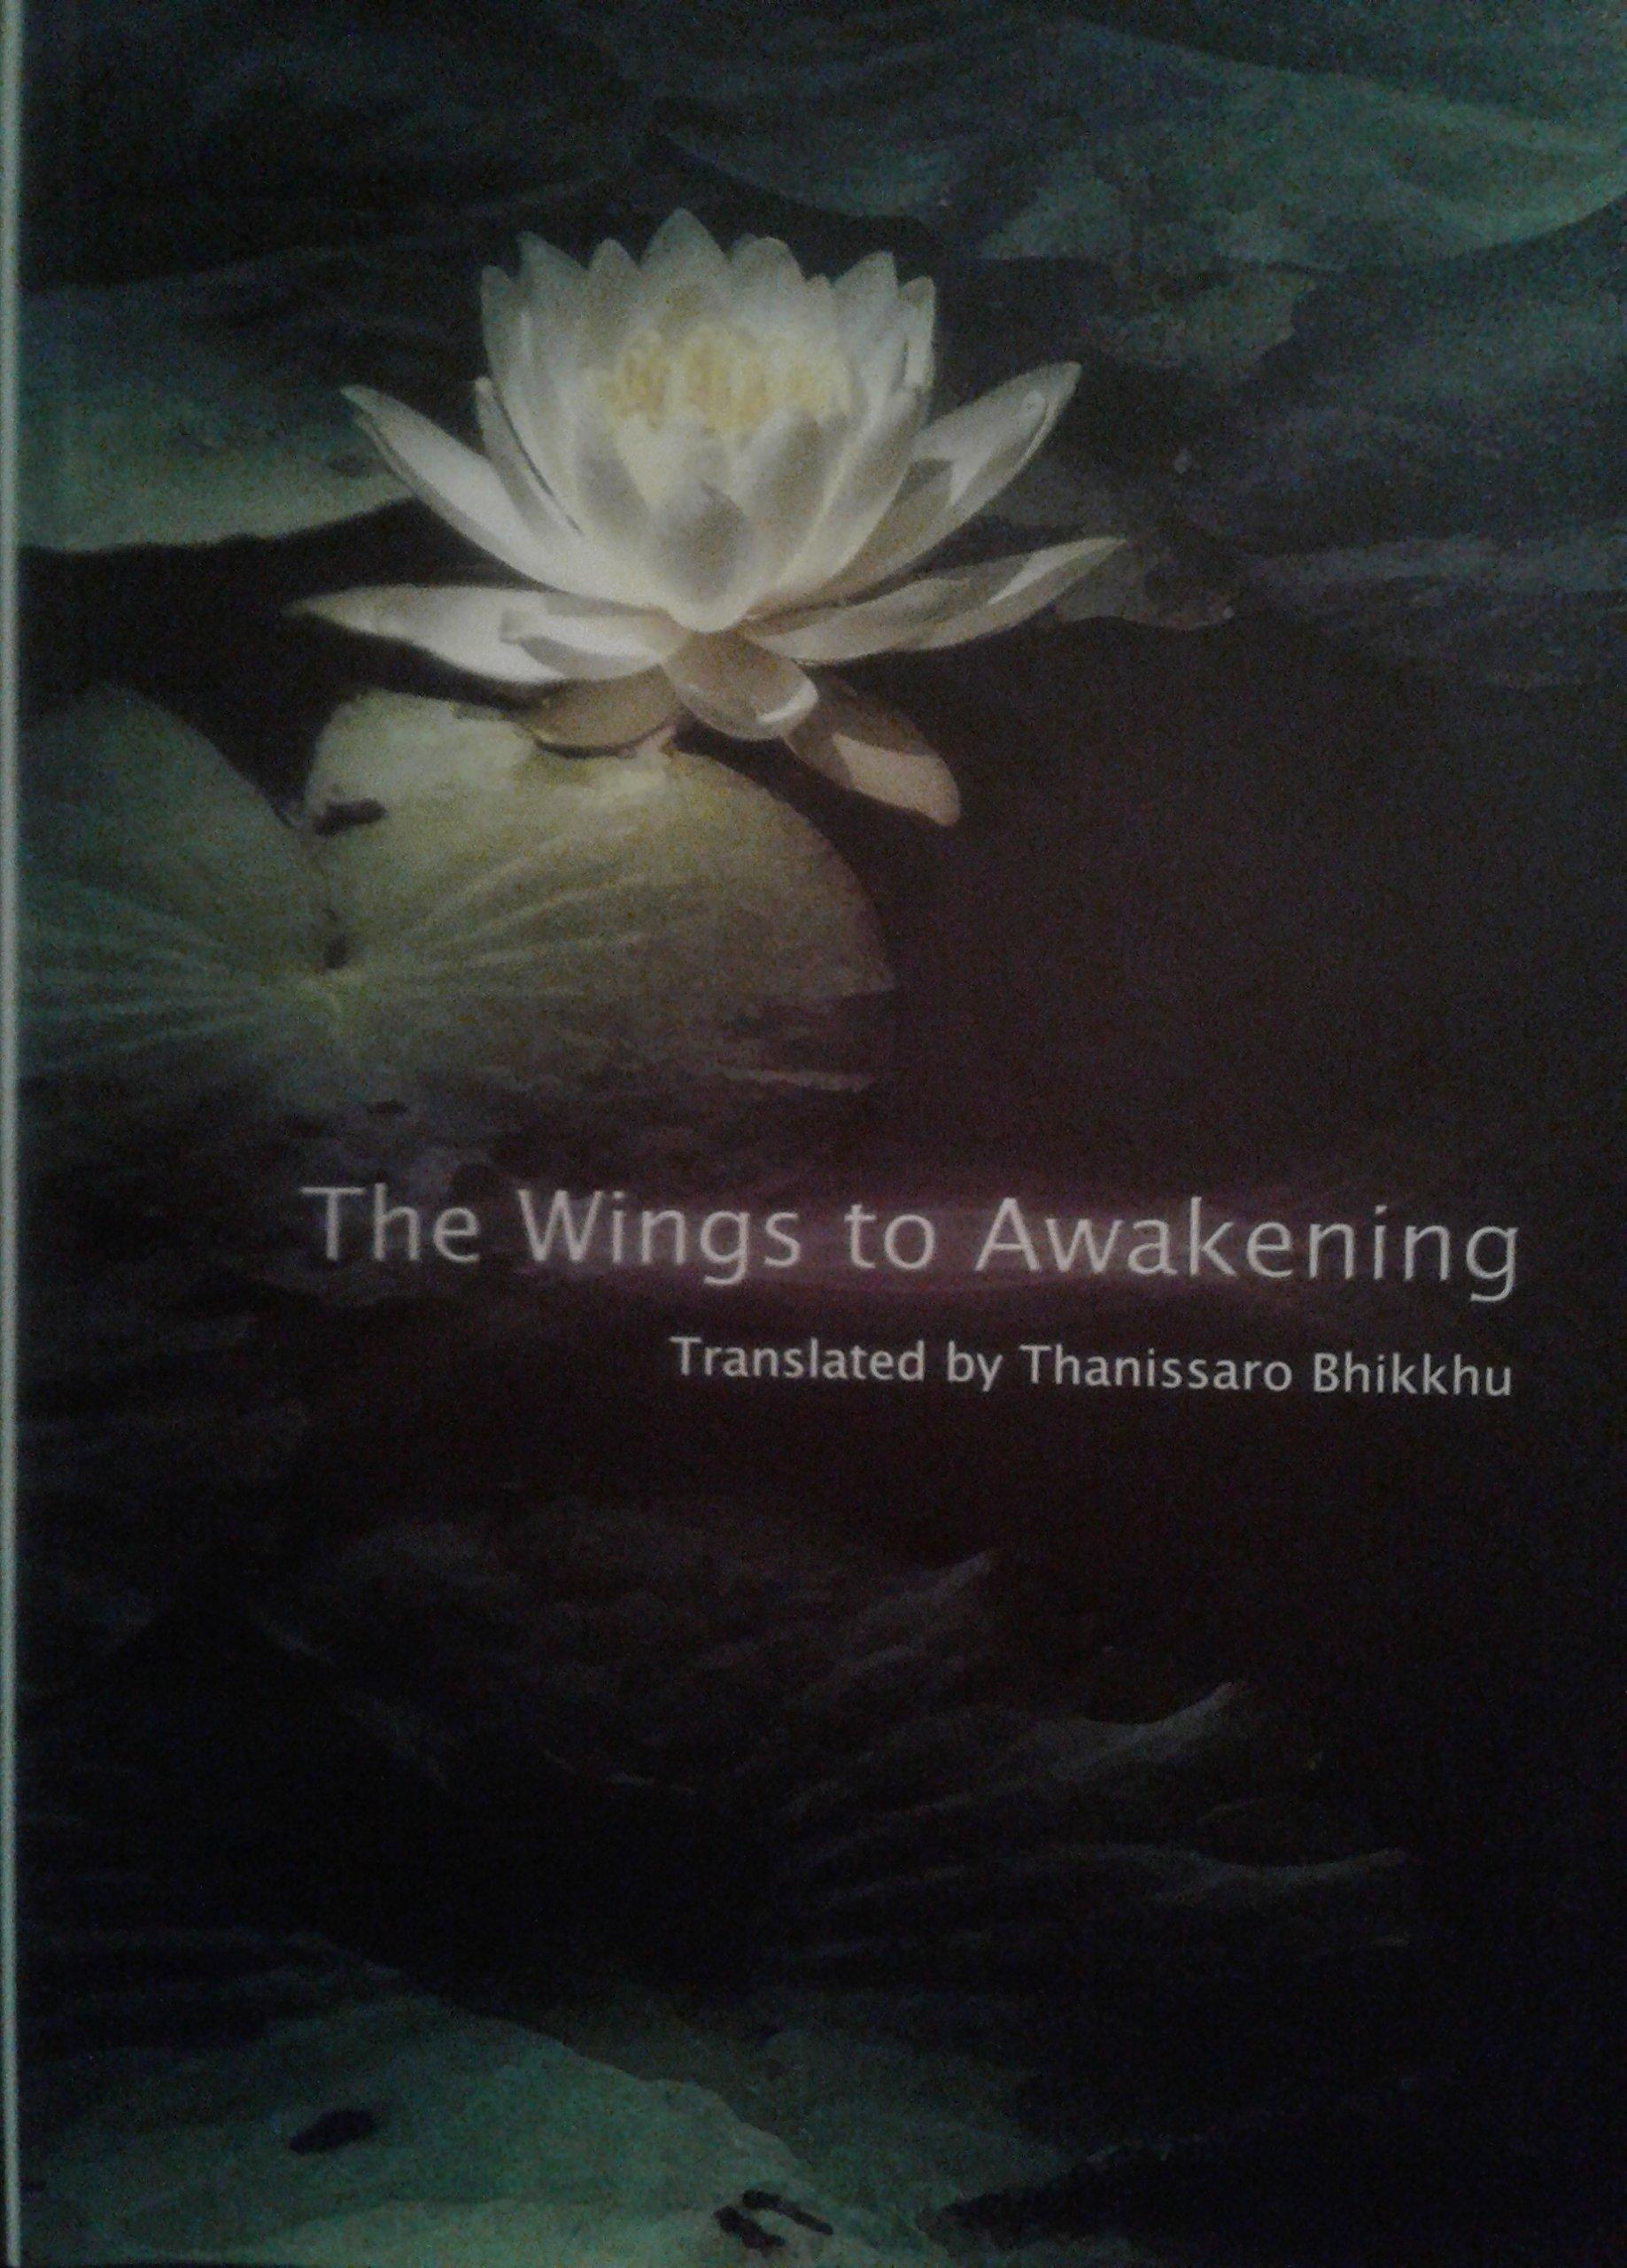 Thanissaro Wings to Awakening cover art